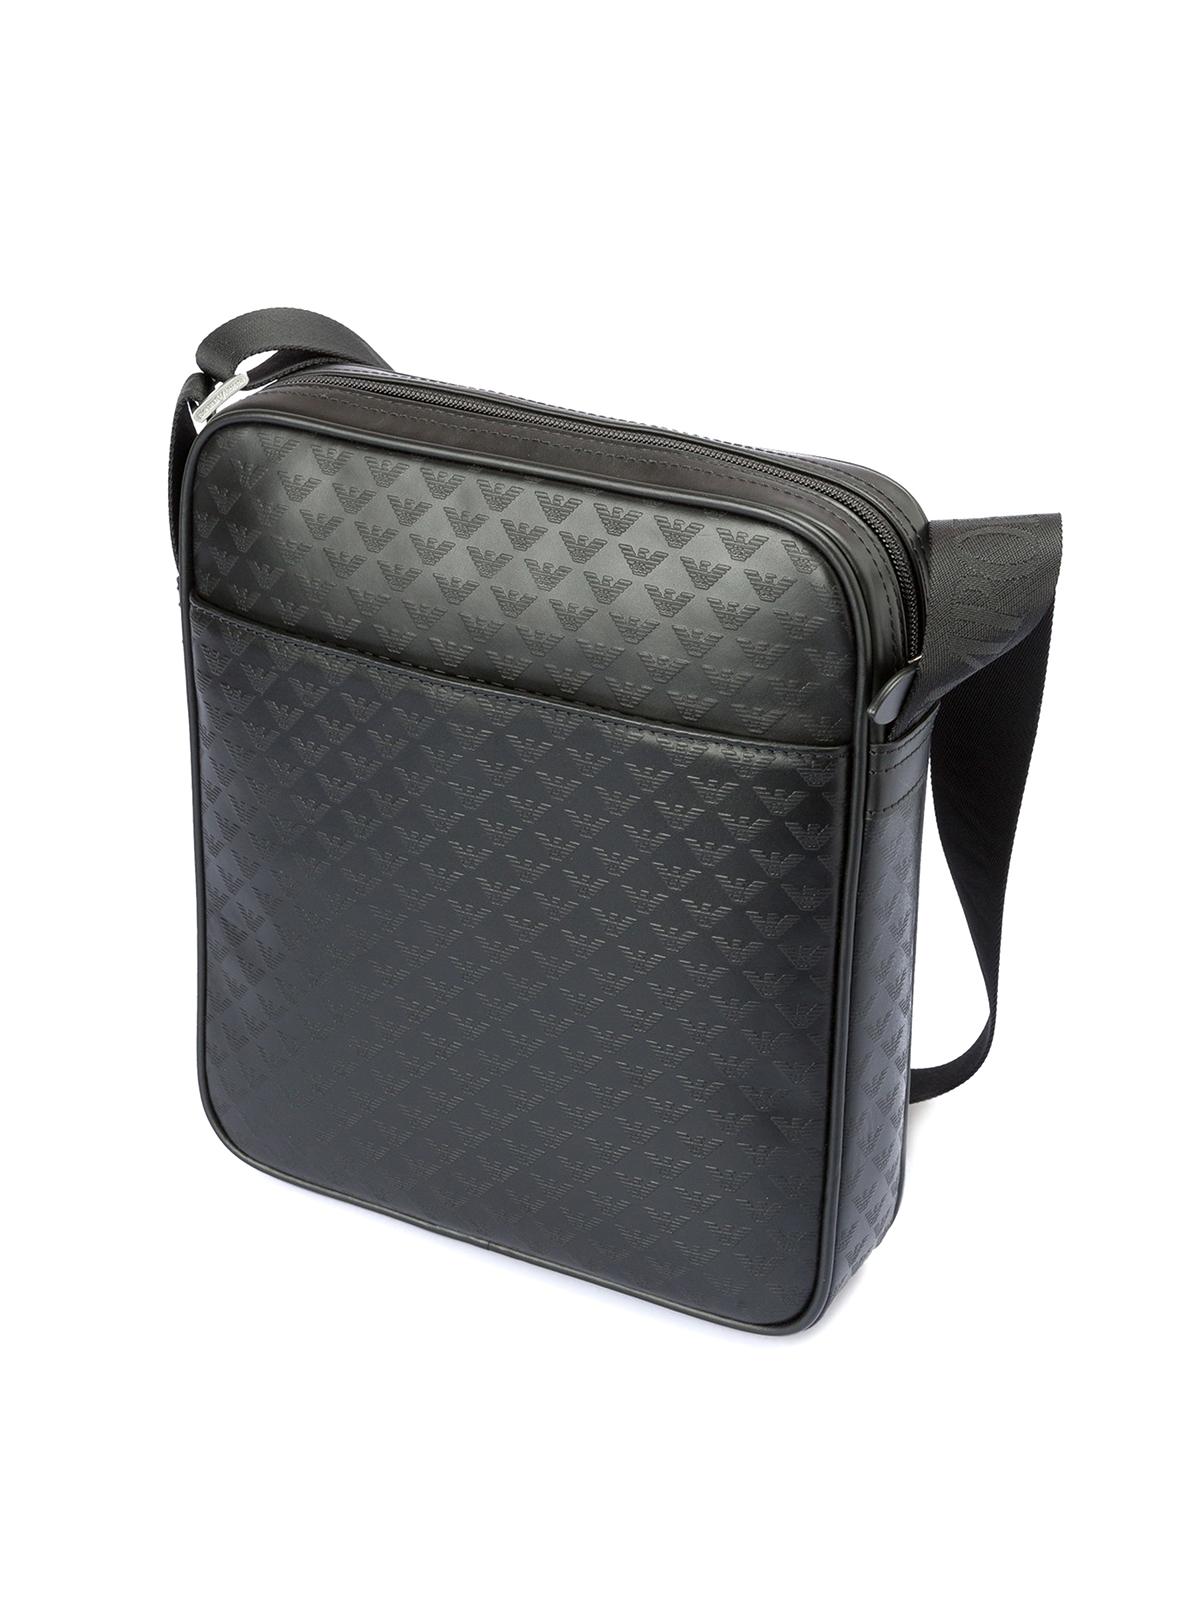 d2dec871d425 EMPORIO ARMANI  shoulder bags online - Signature leather messenger bag